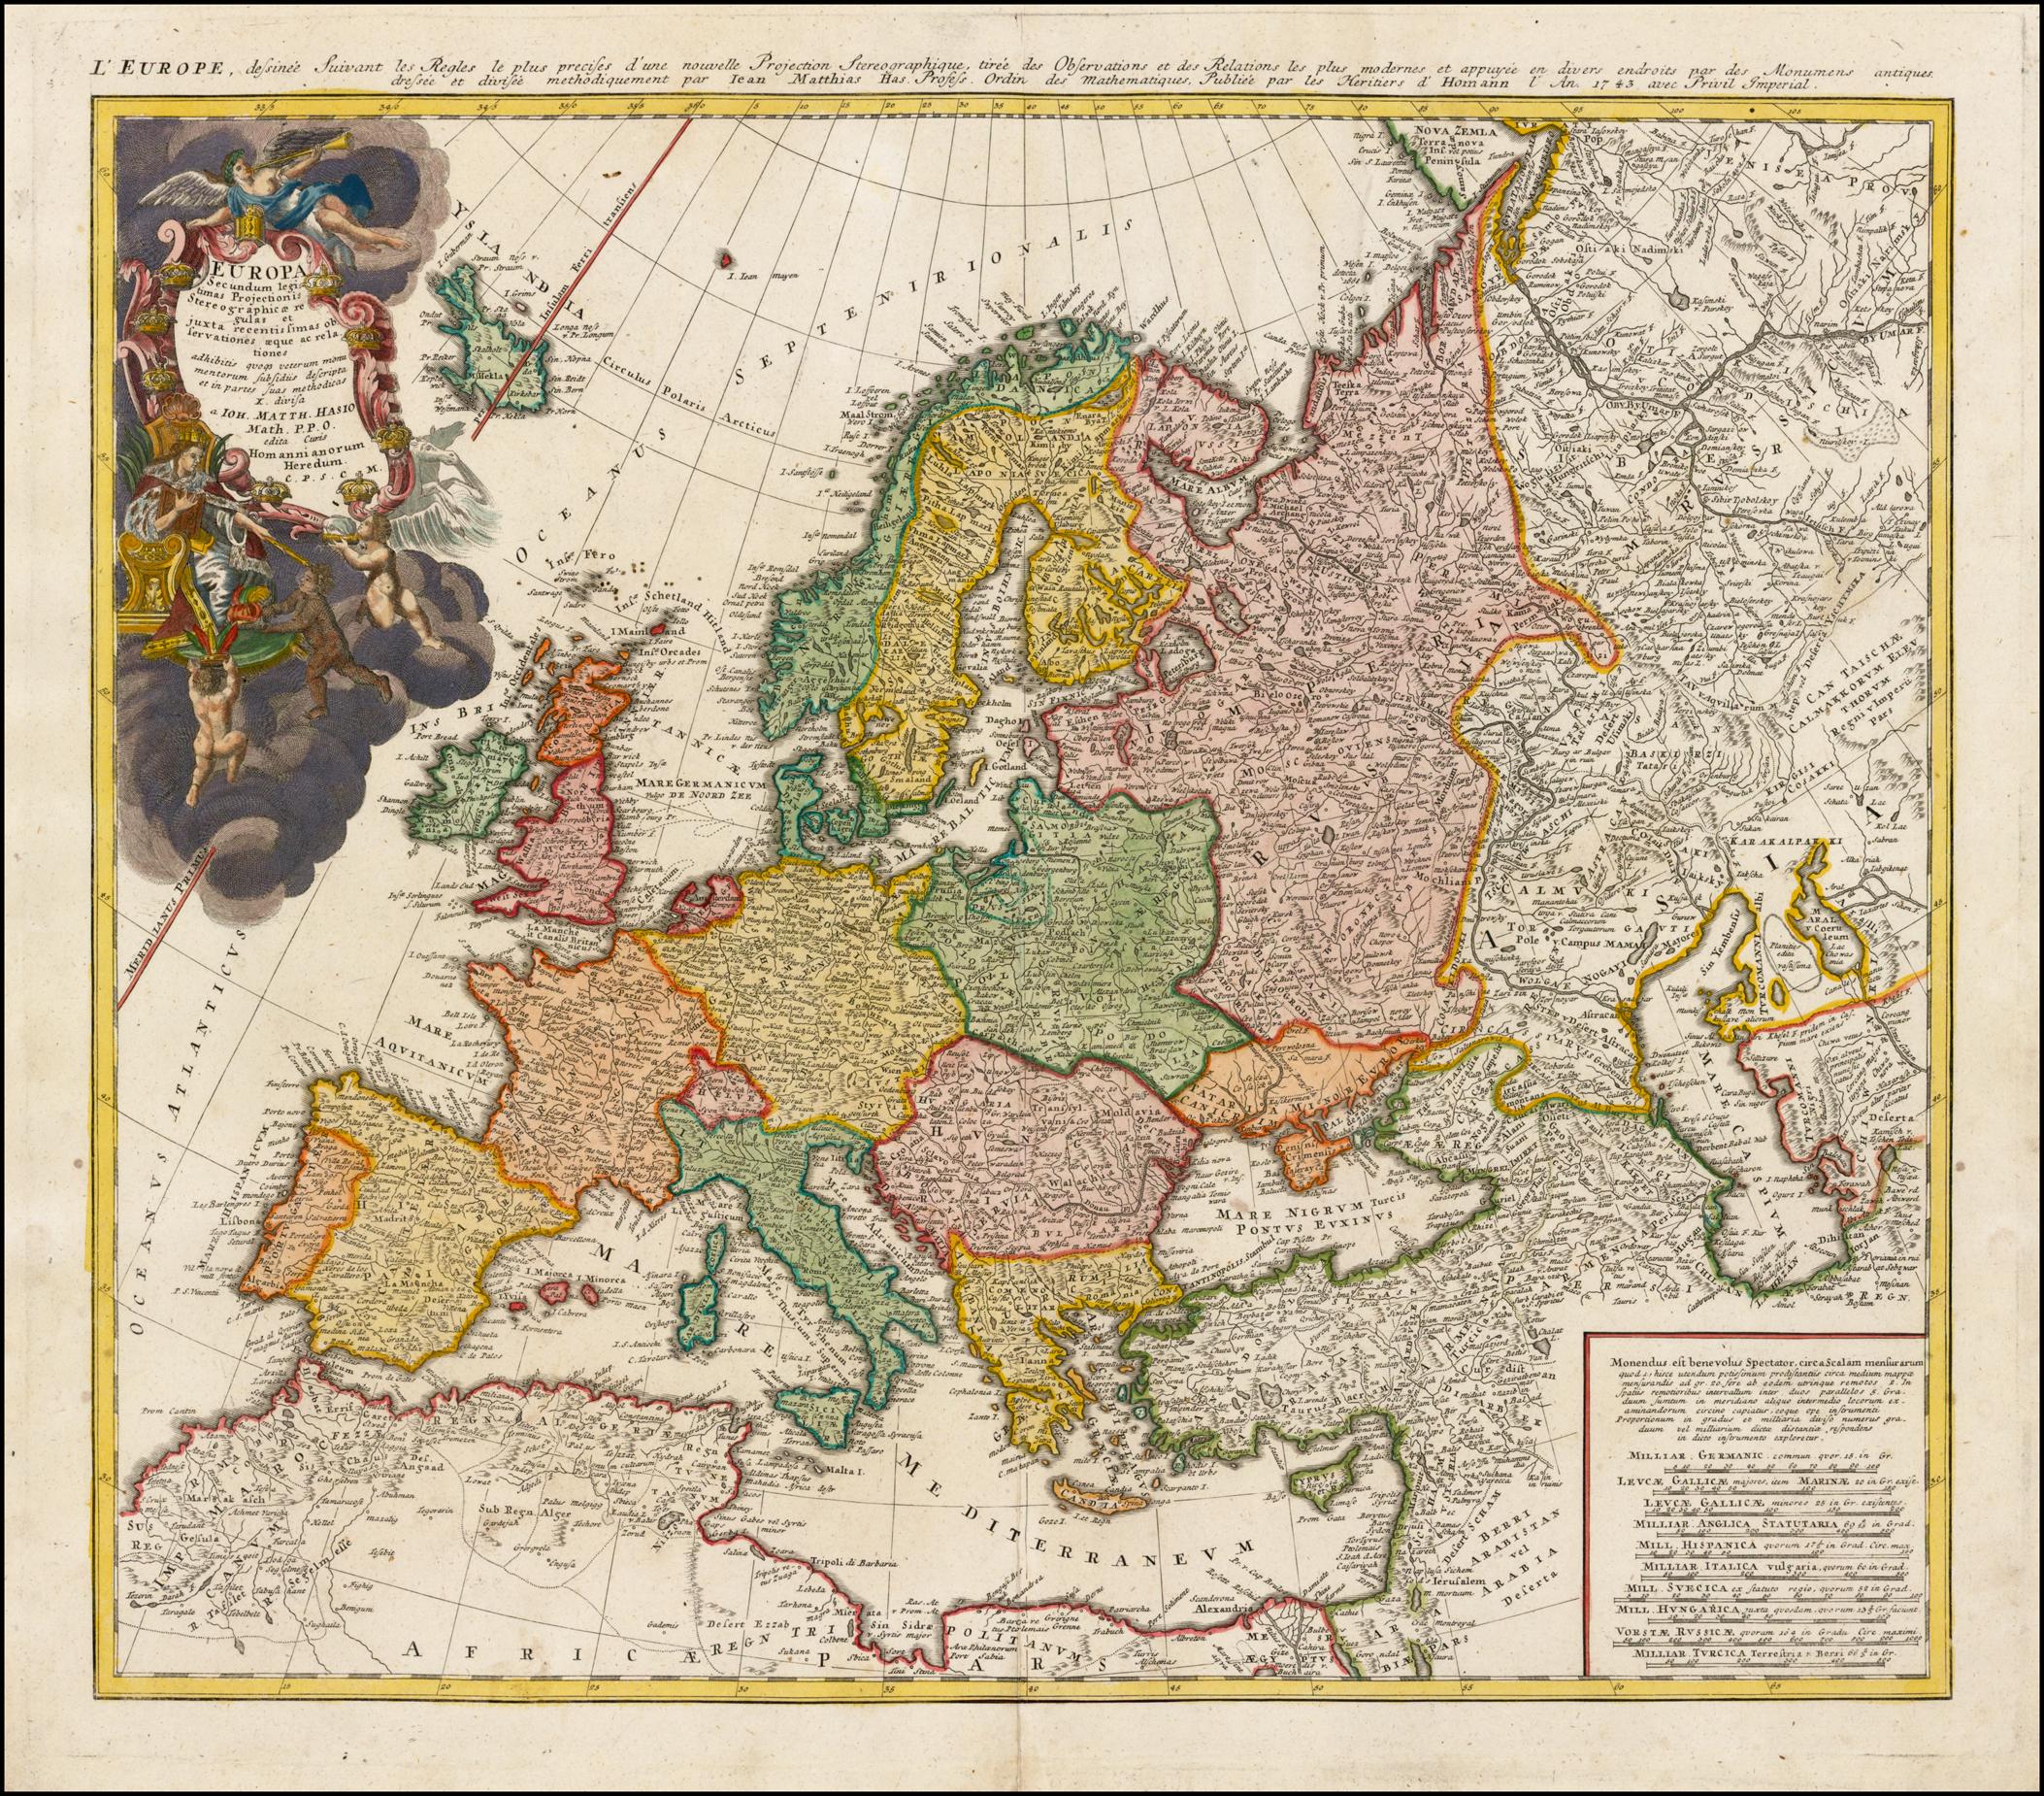 Старинная карта Хааса 1743 года с изображением Европы